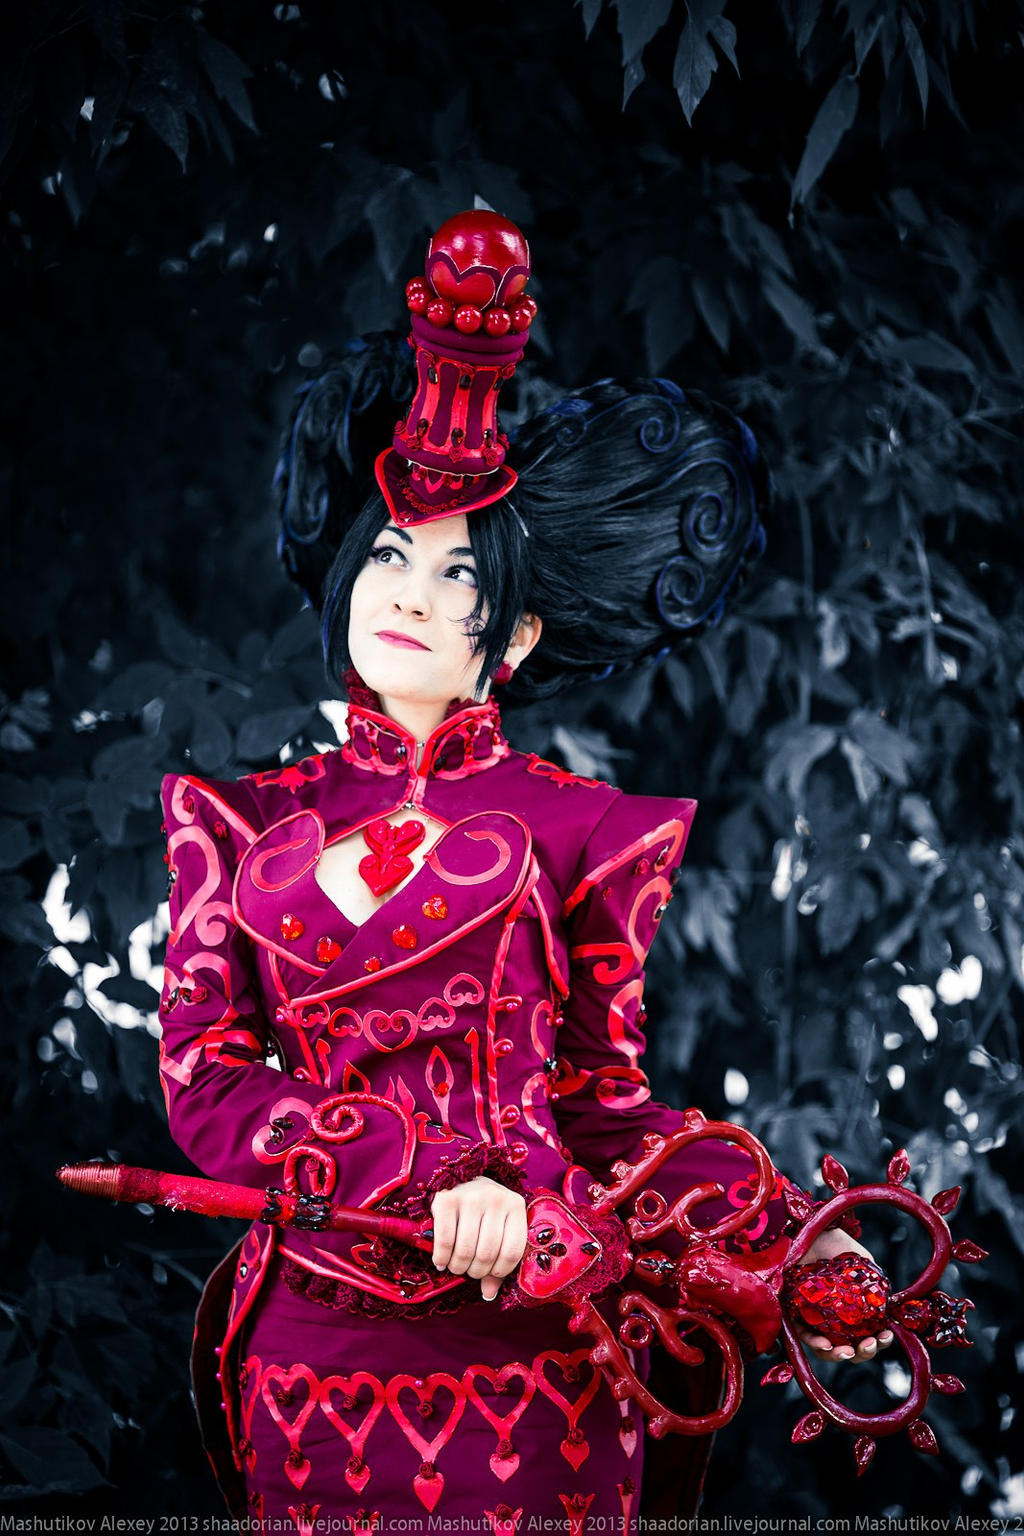 Scissors Crown - Red Queen? by ZoeVolf